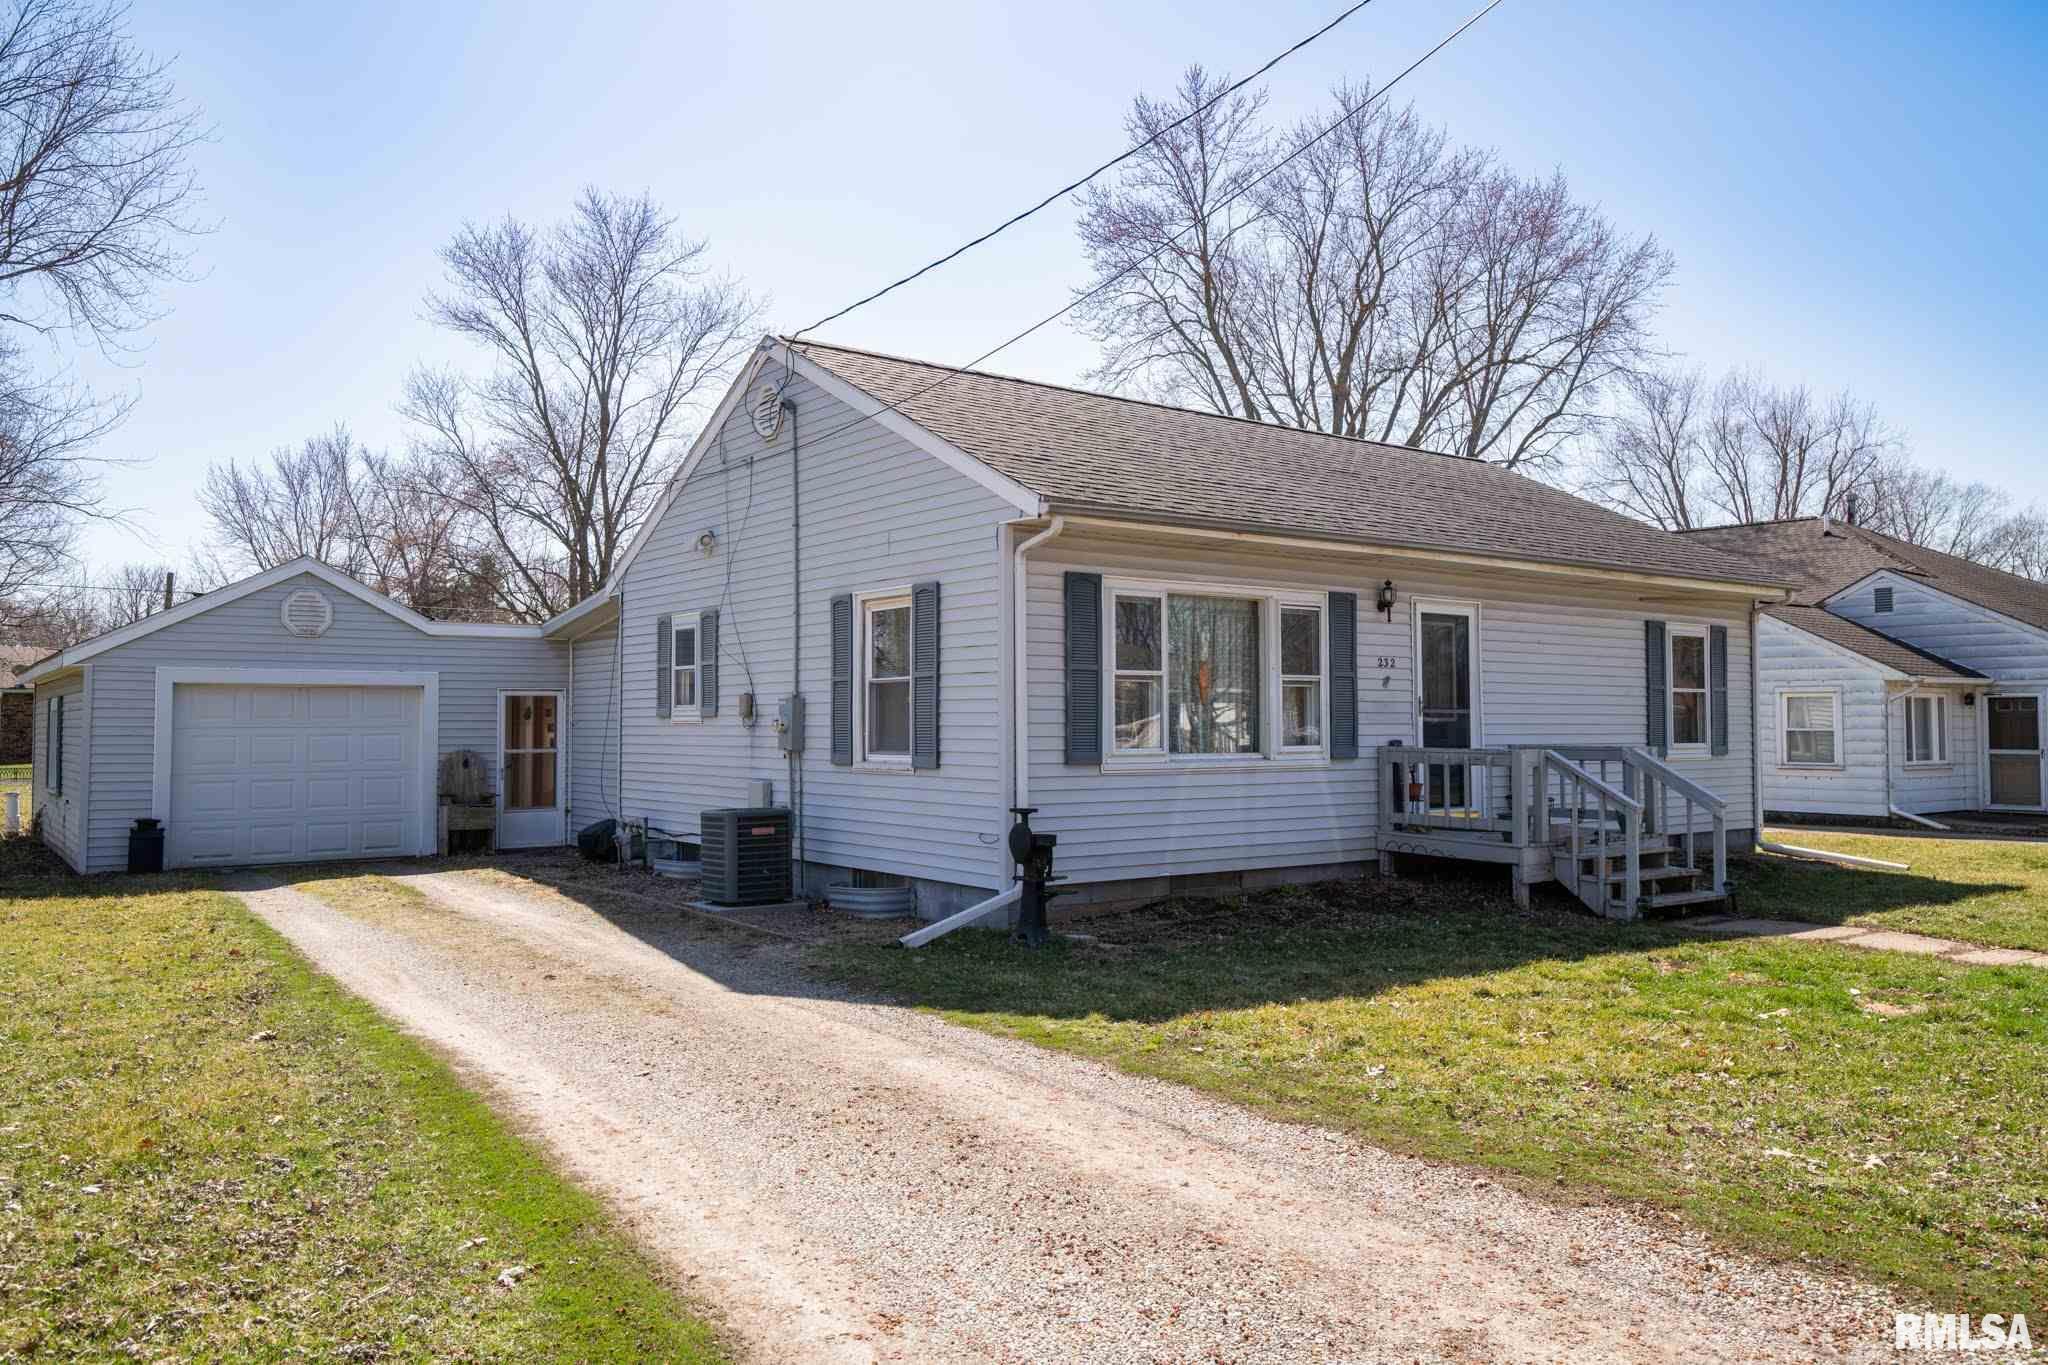 232 E SHERIDAN Property Photo - Manito, IL real estate listing